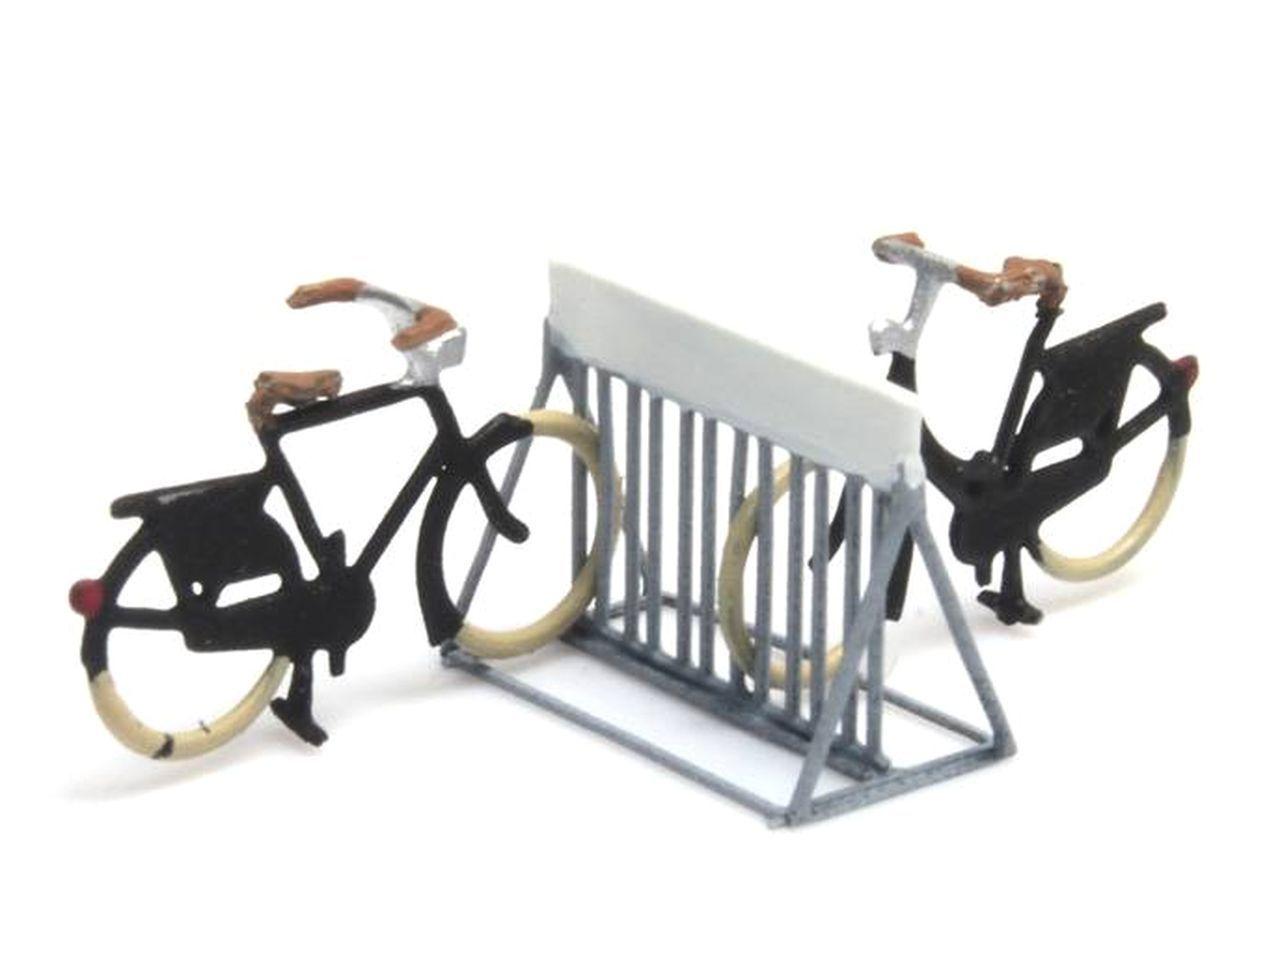 Artitec 316.06 Brotlieferrad Spur N 1:160 Fertigmodell Fahrrad Rad Handbemalt